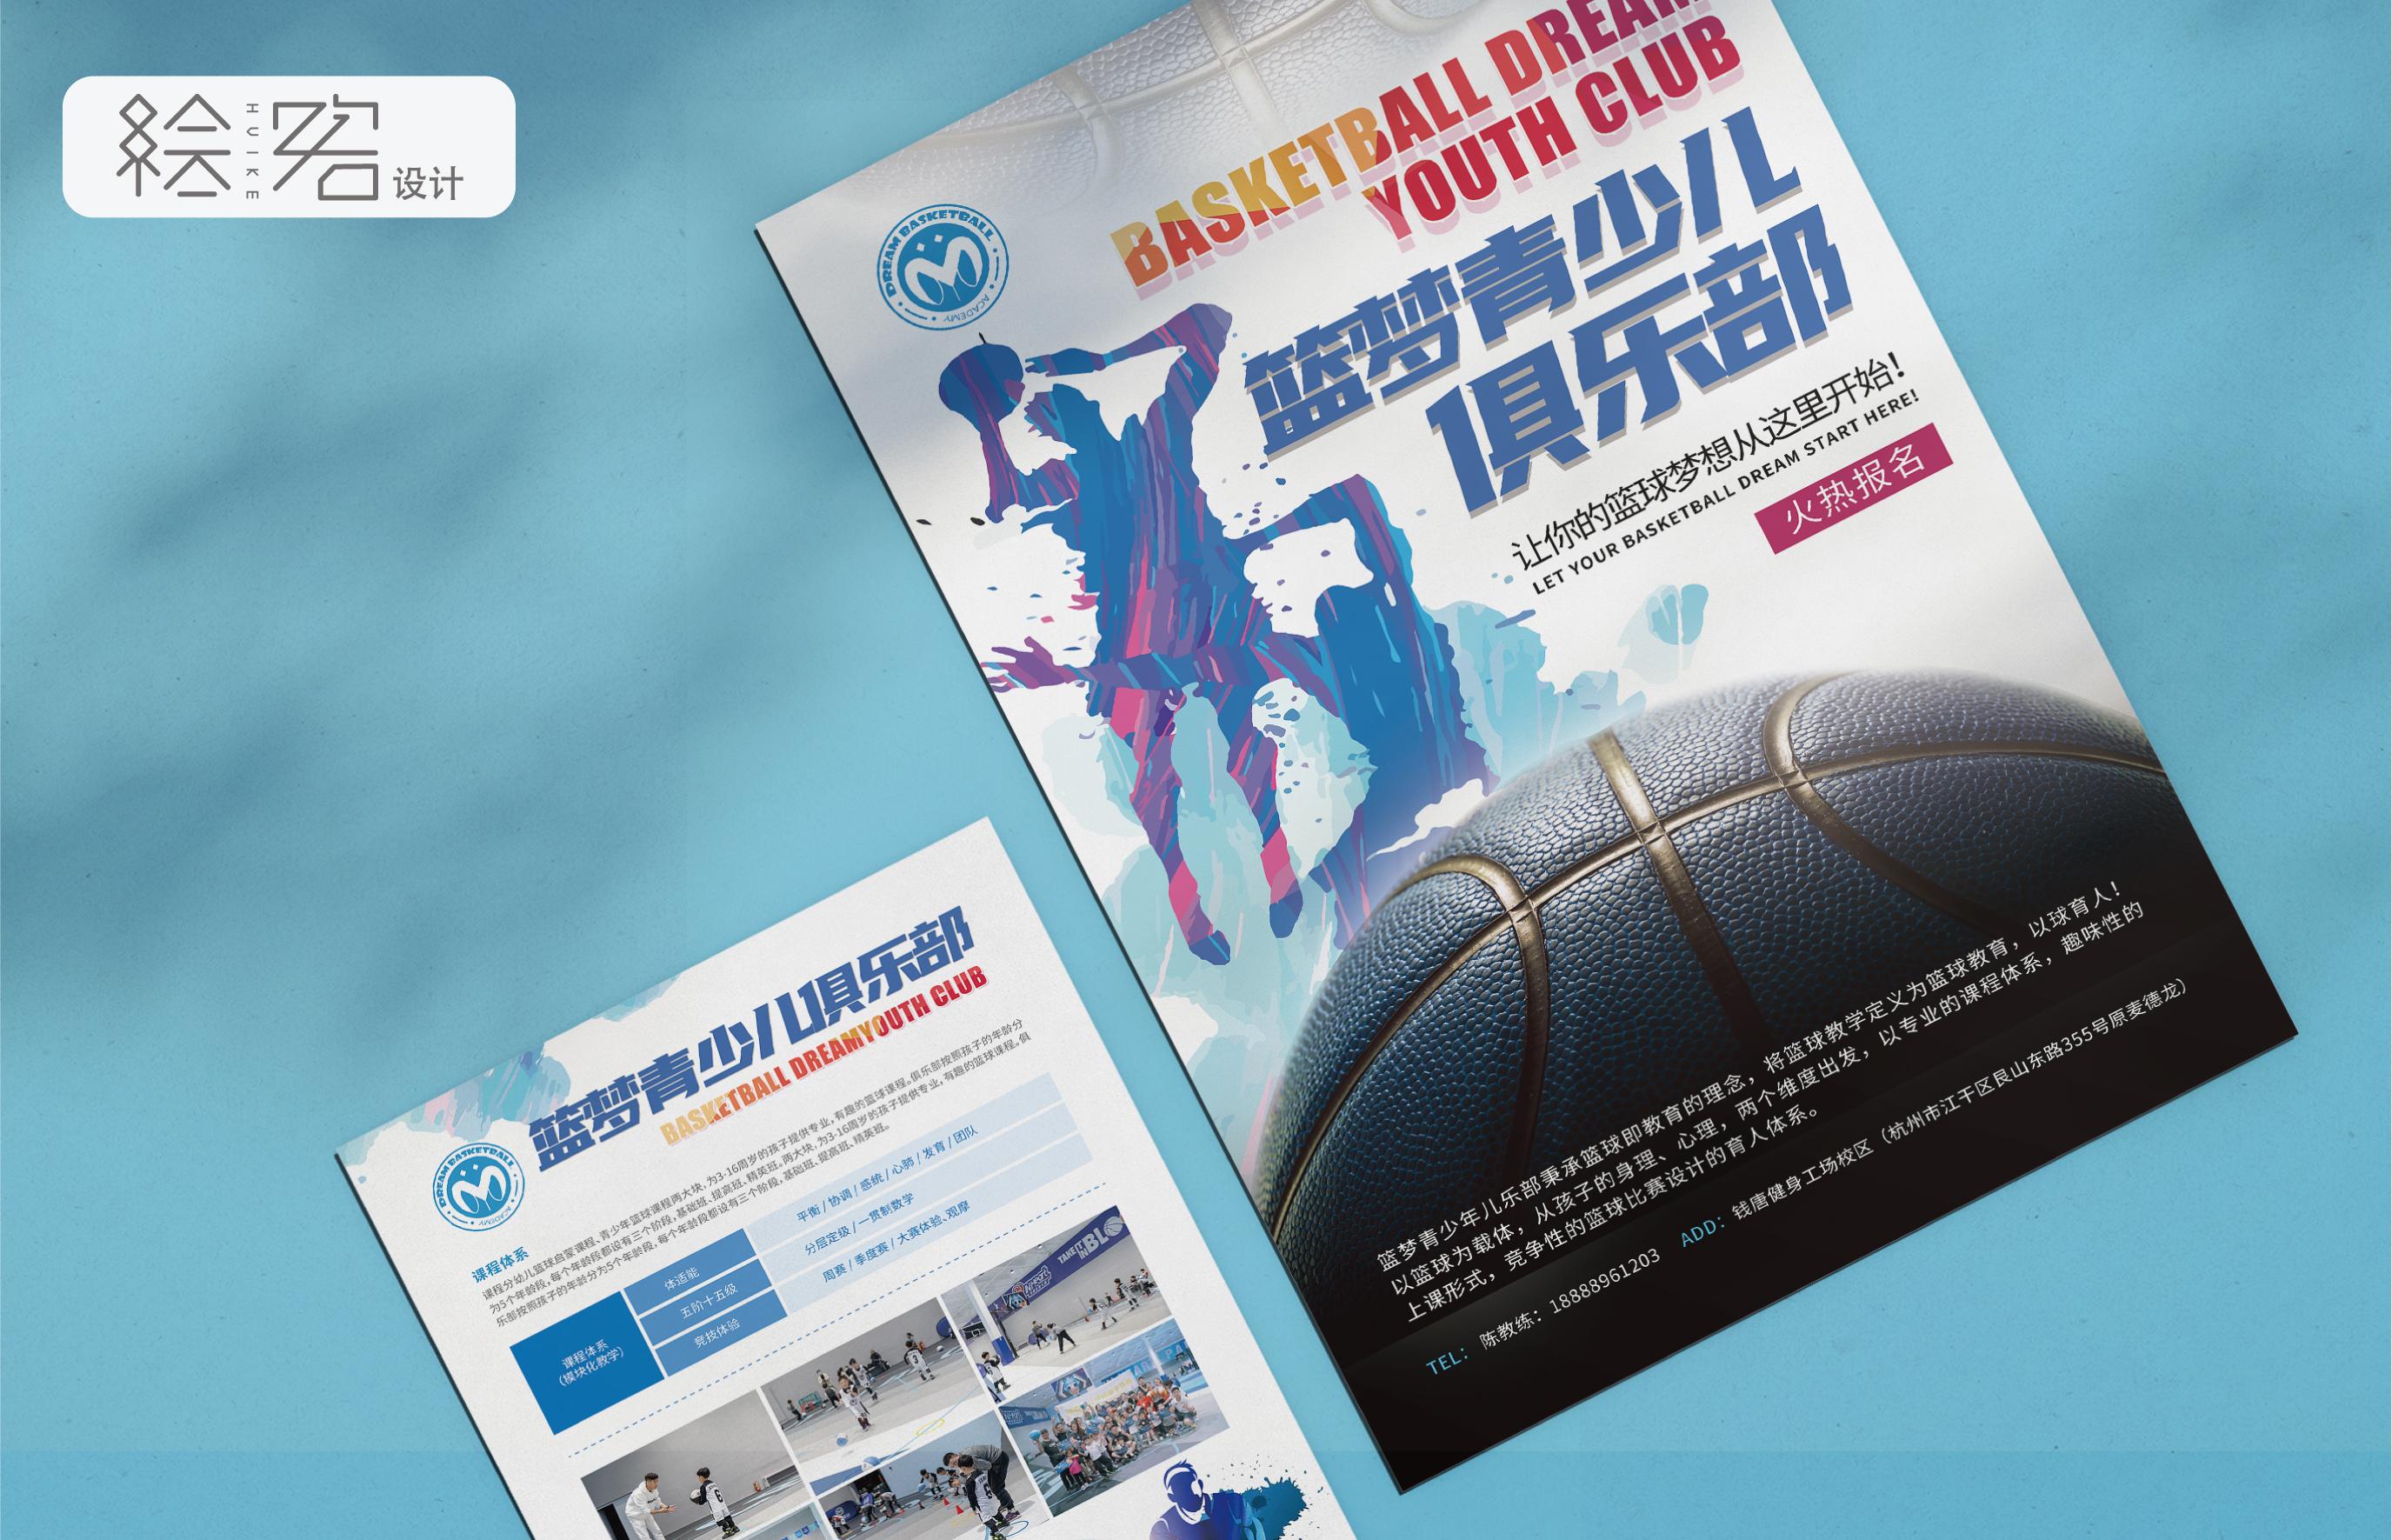 绘客海报设计楼盘展示会展招商商务合作公益宣传展架易拉宝设计